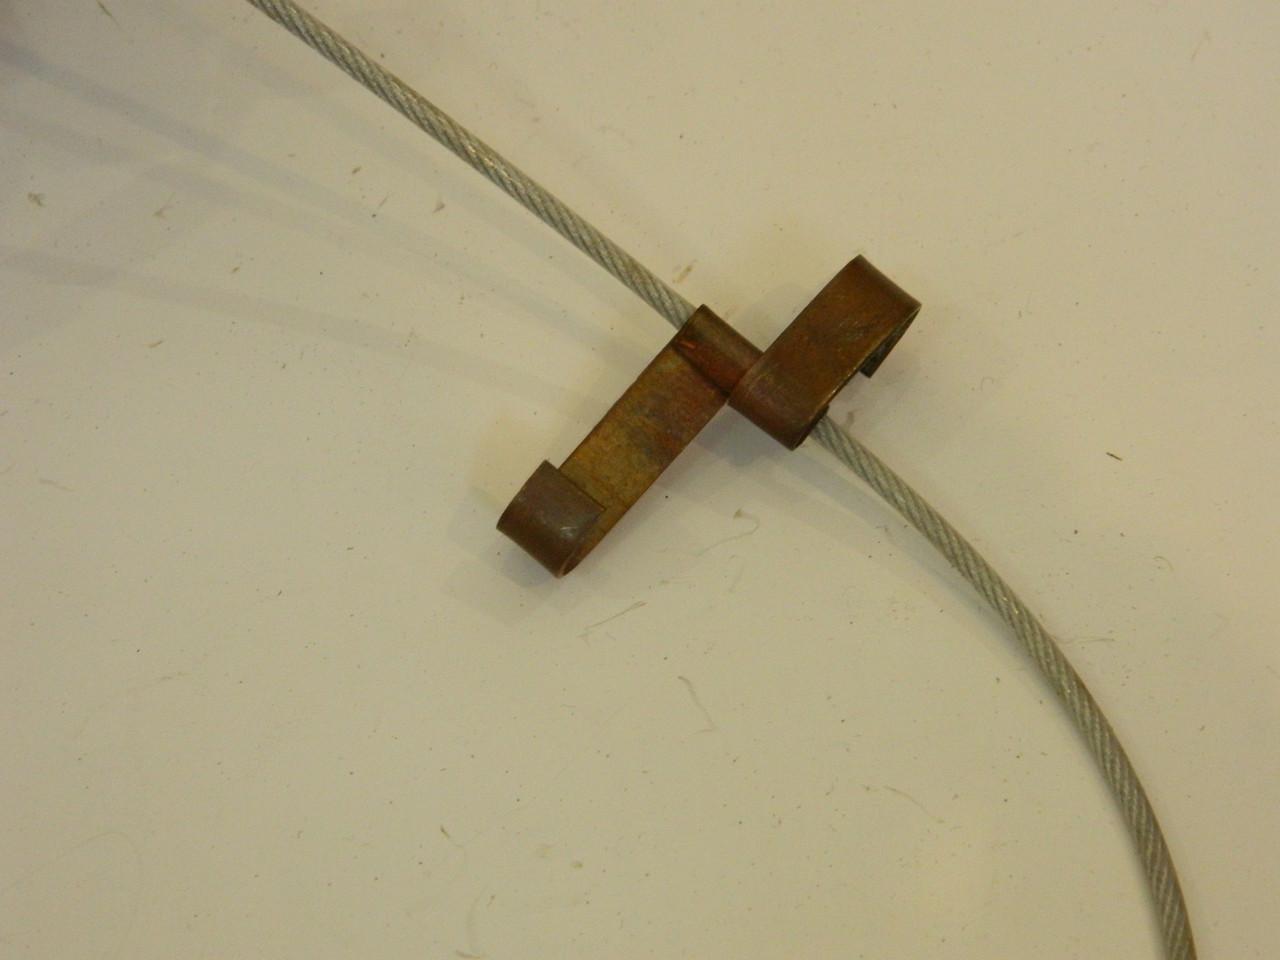 Медные крепления с тросиком для кабеля в водосточных трубах